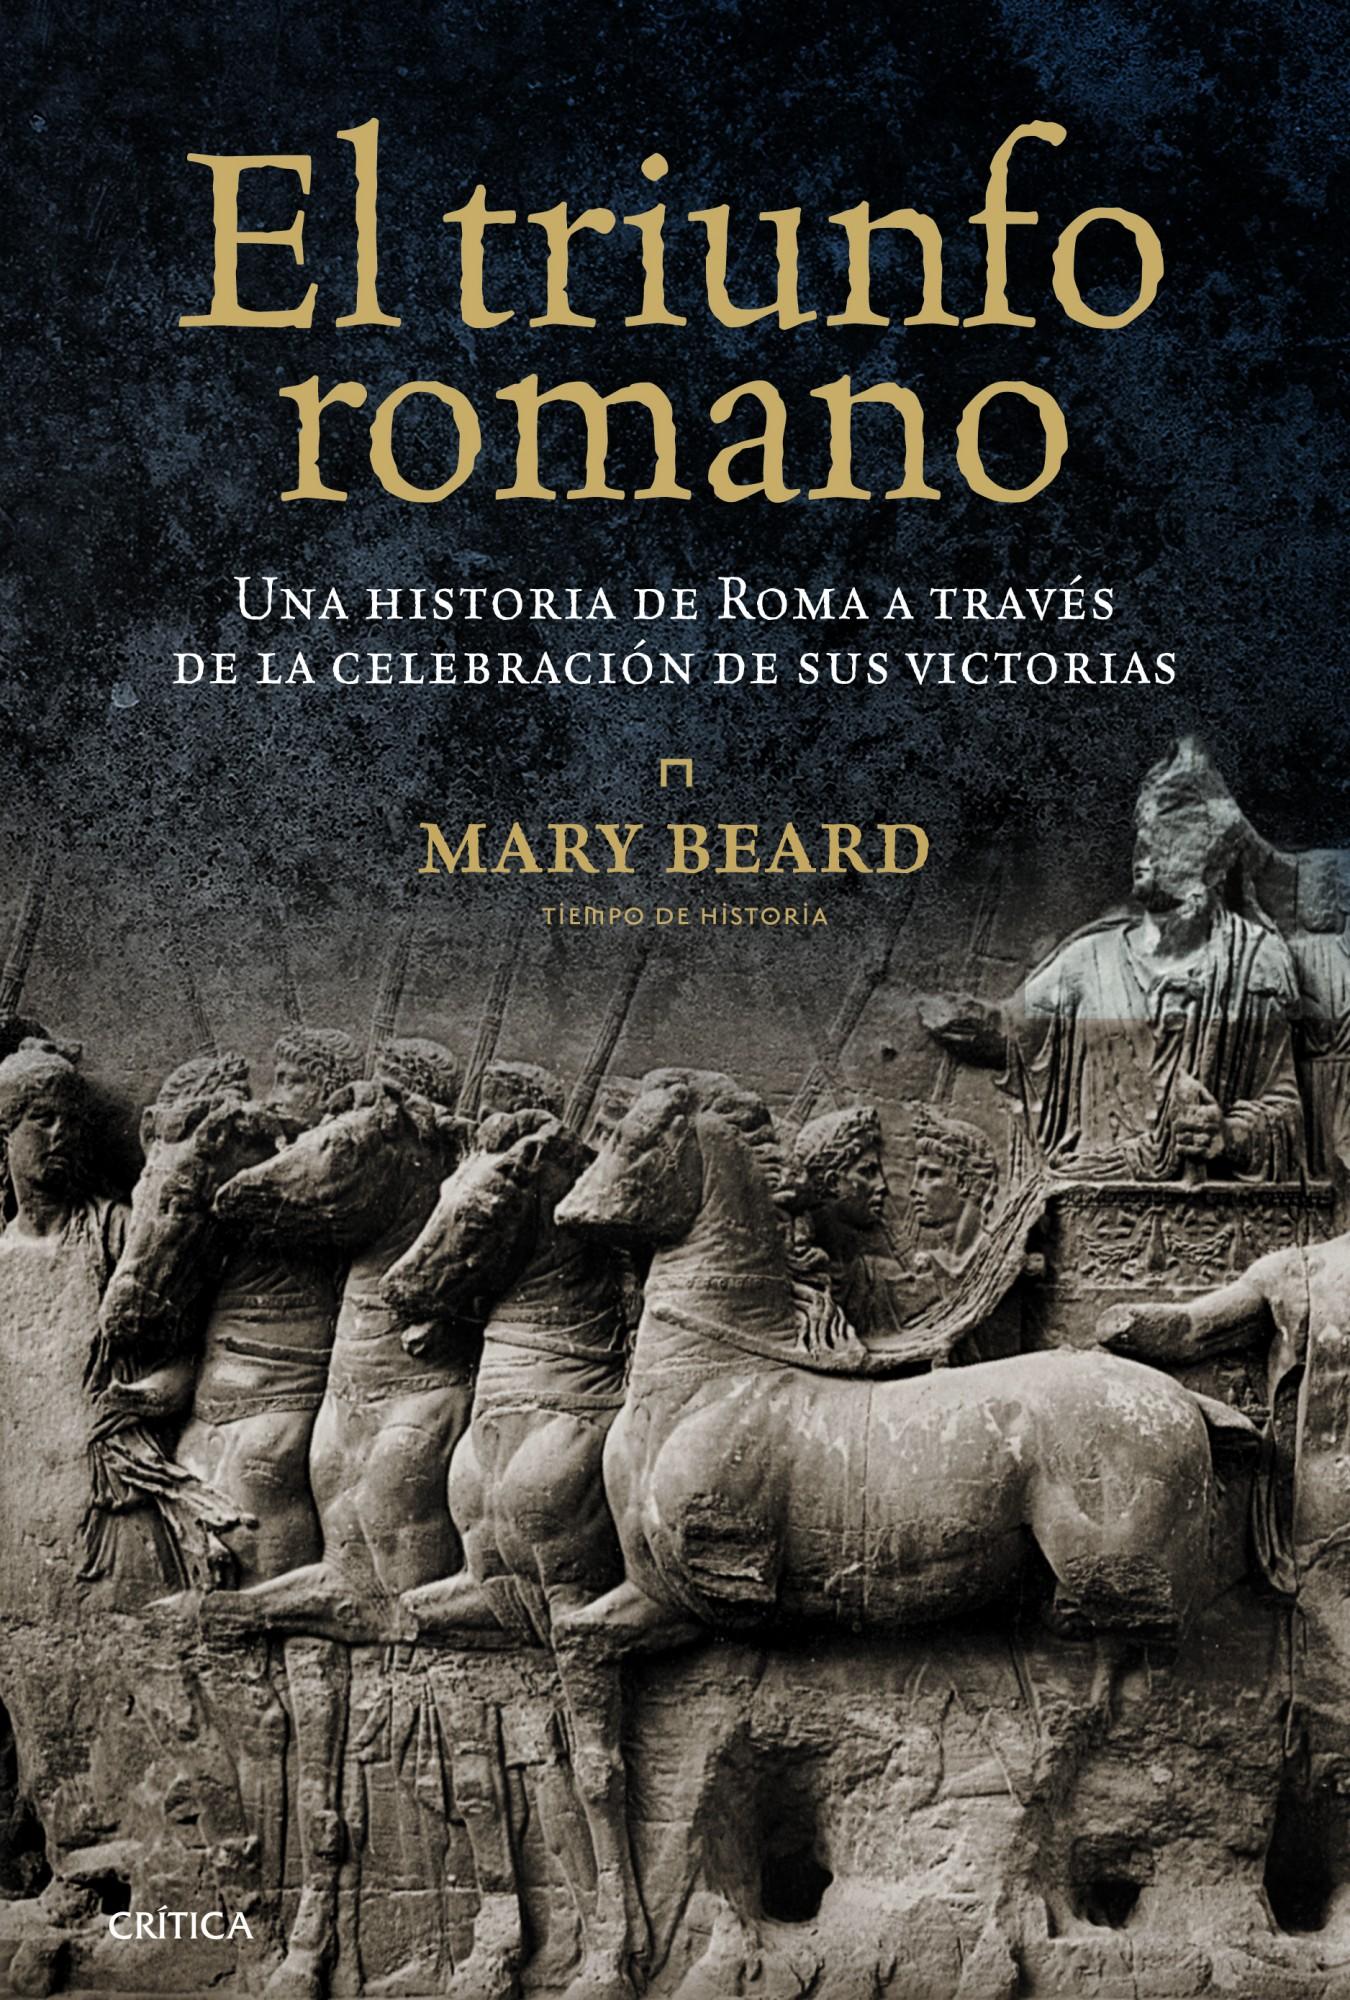 El triunfo romano; mary beard